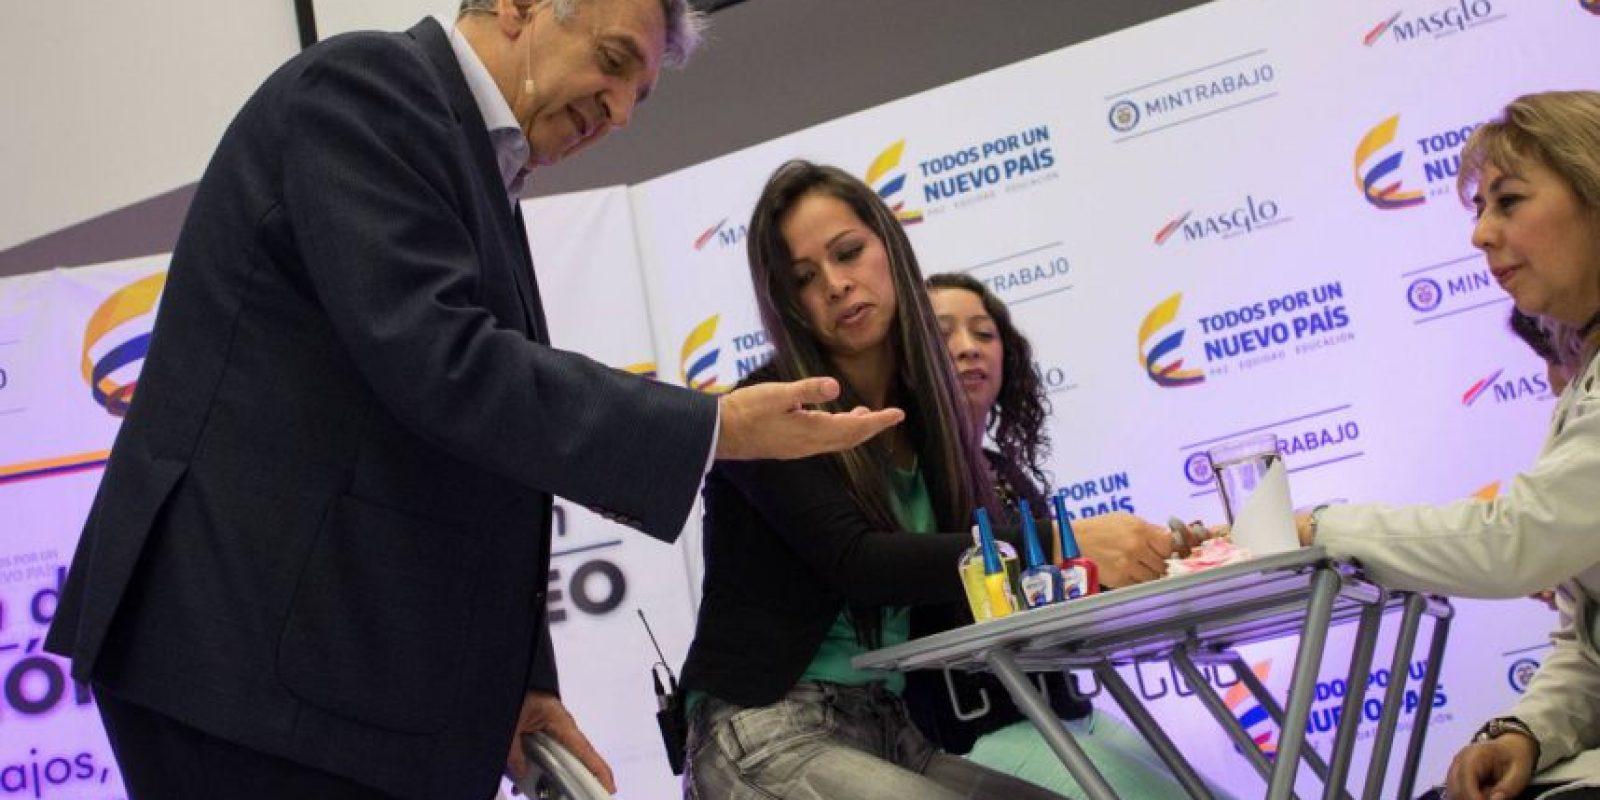 Aunque inicialmente se indicó que el ministro se haría una manicura, solo se limitó a mostrar sus manos a las manicuristas. Foto:Juan Pablo Pino / Publimetro